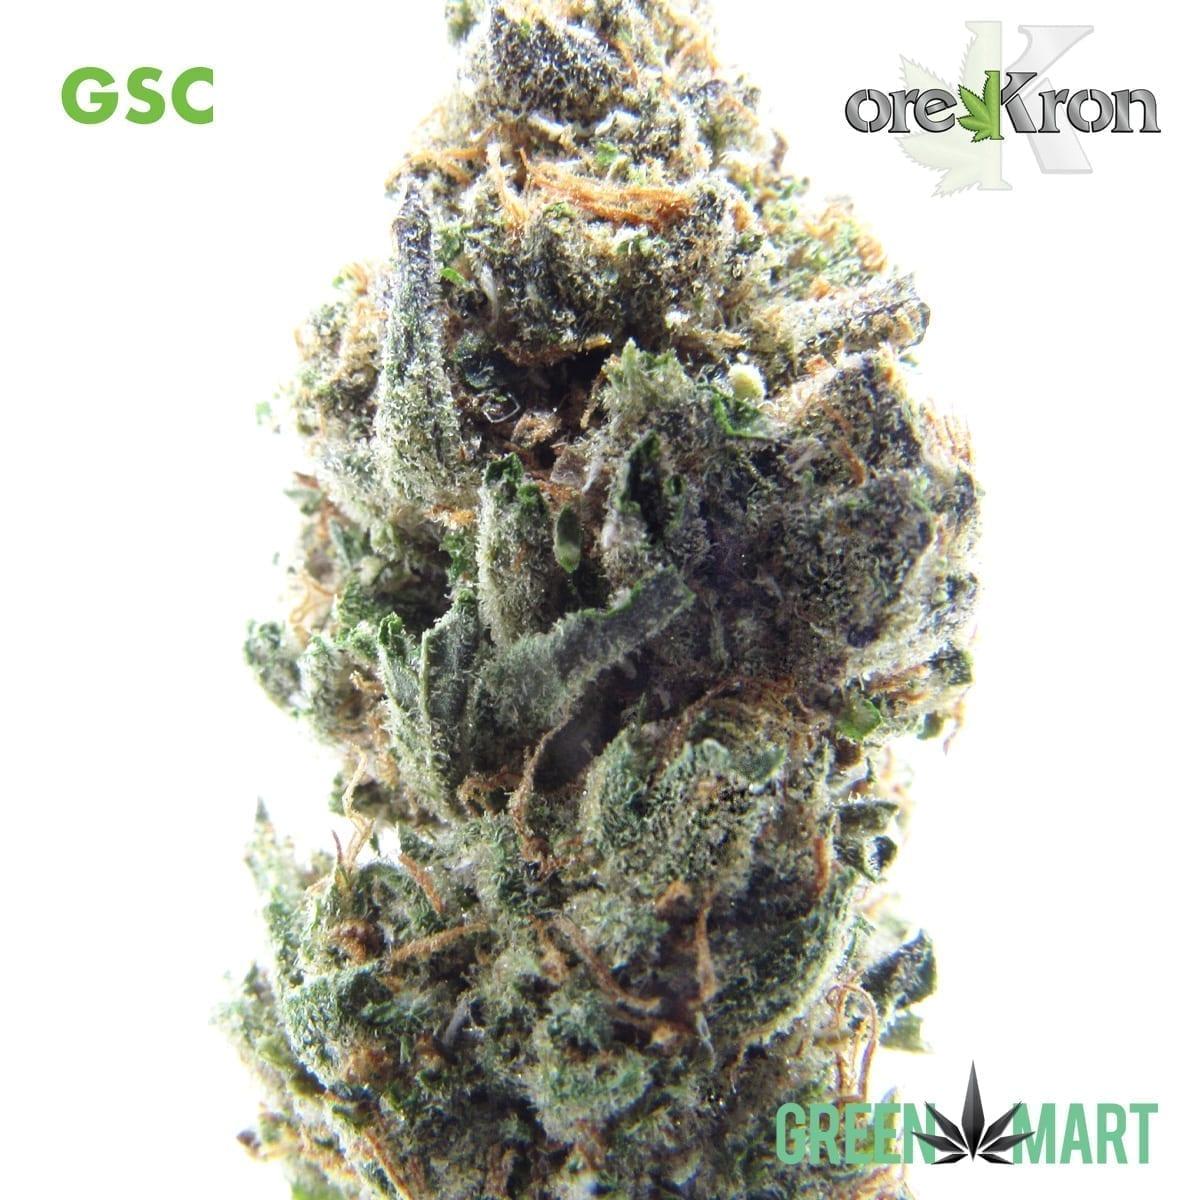 GSC by Orekron